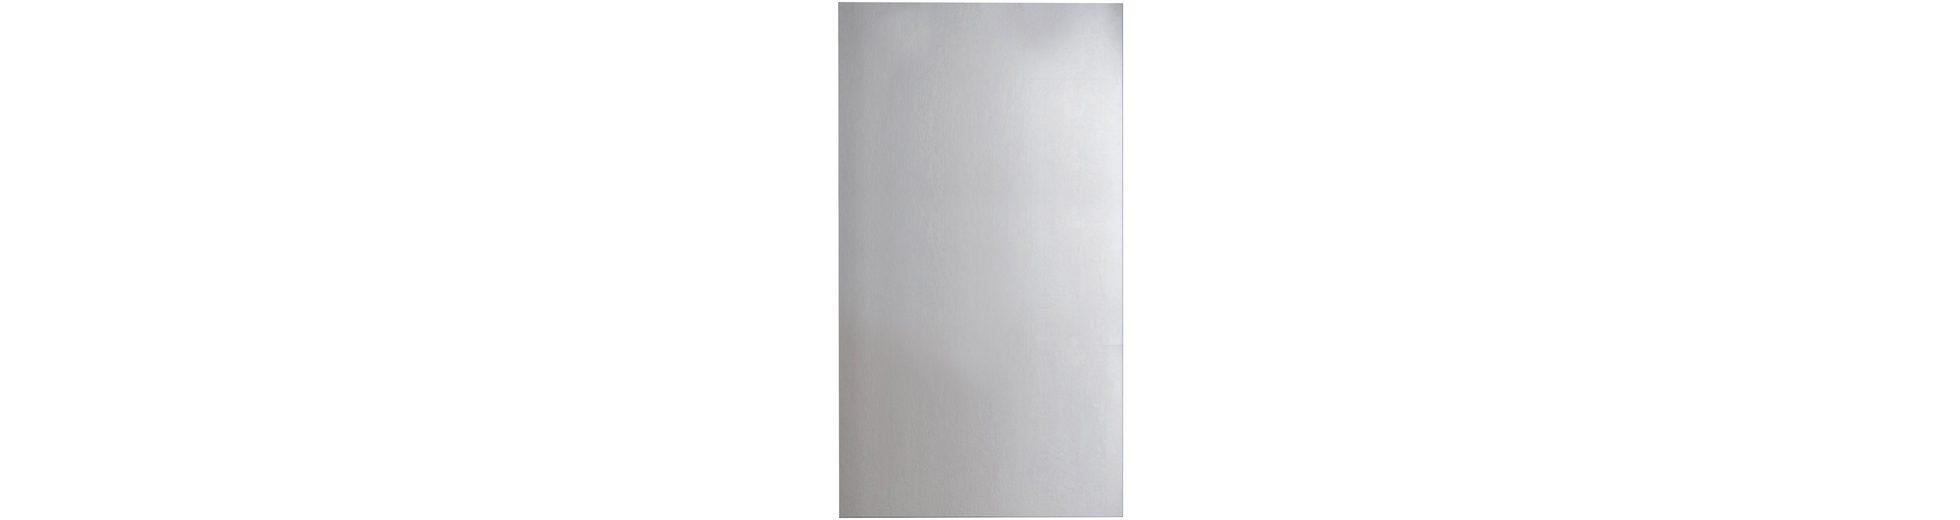 Spiegel / Badspiegel, Breite 50 cm